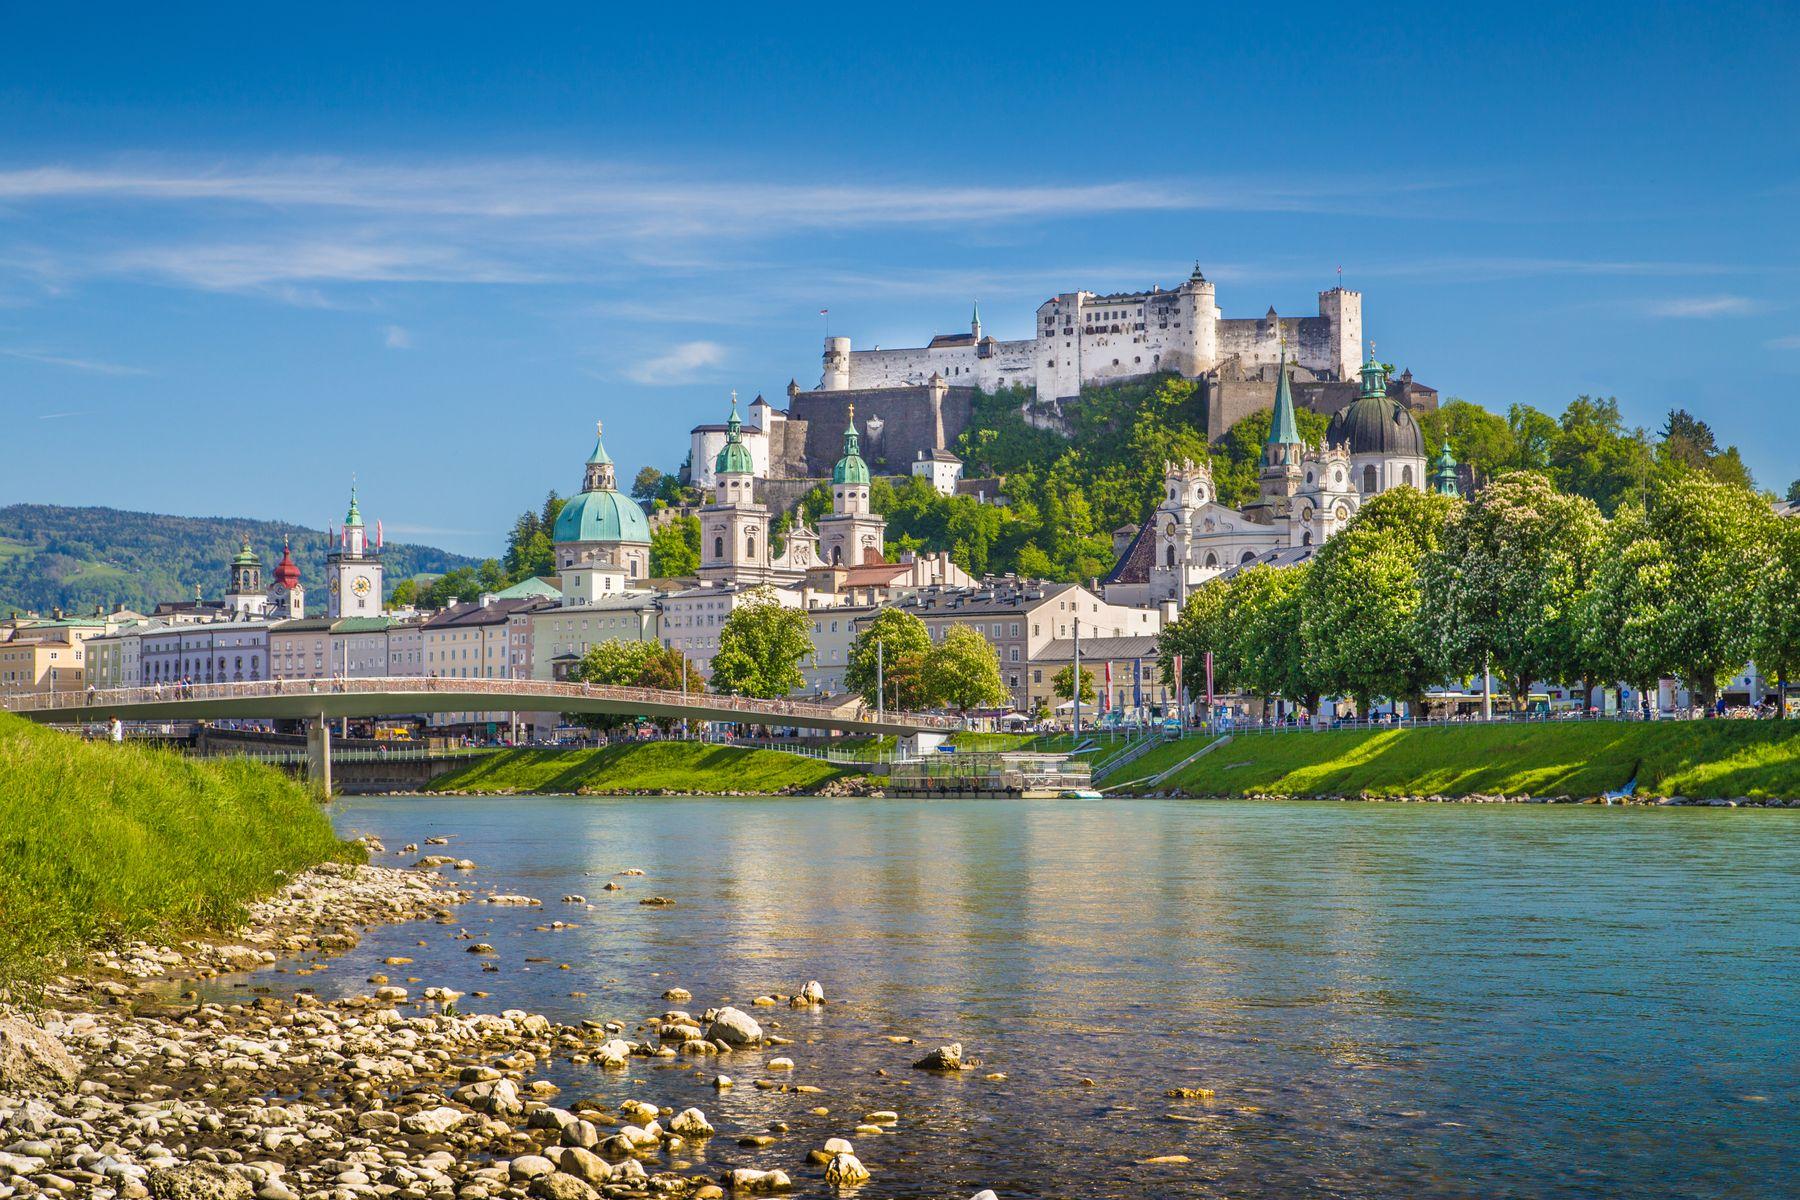 Замок Хоэнзальцбург в Зальцбурге, Австрия